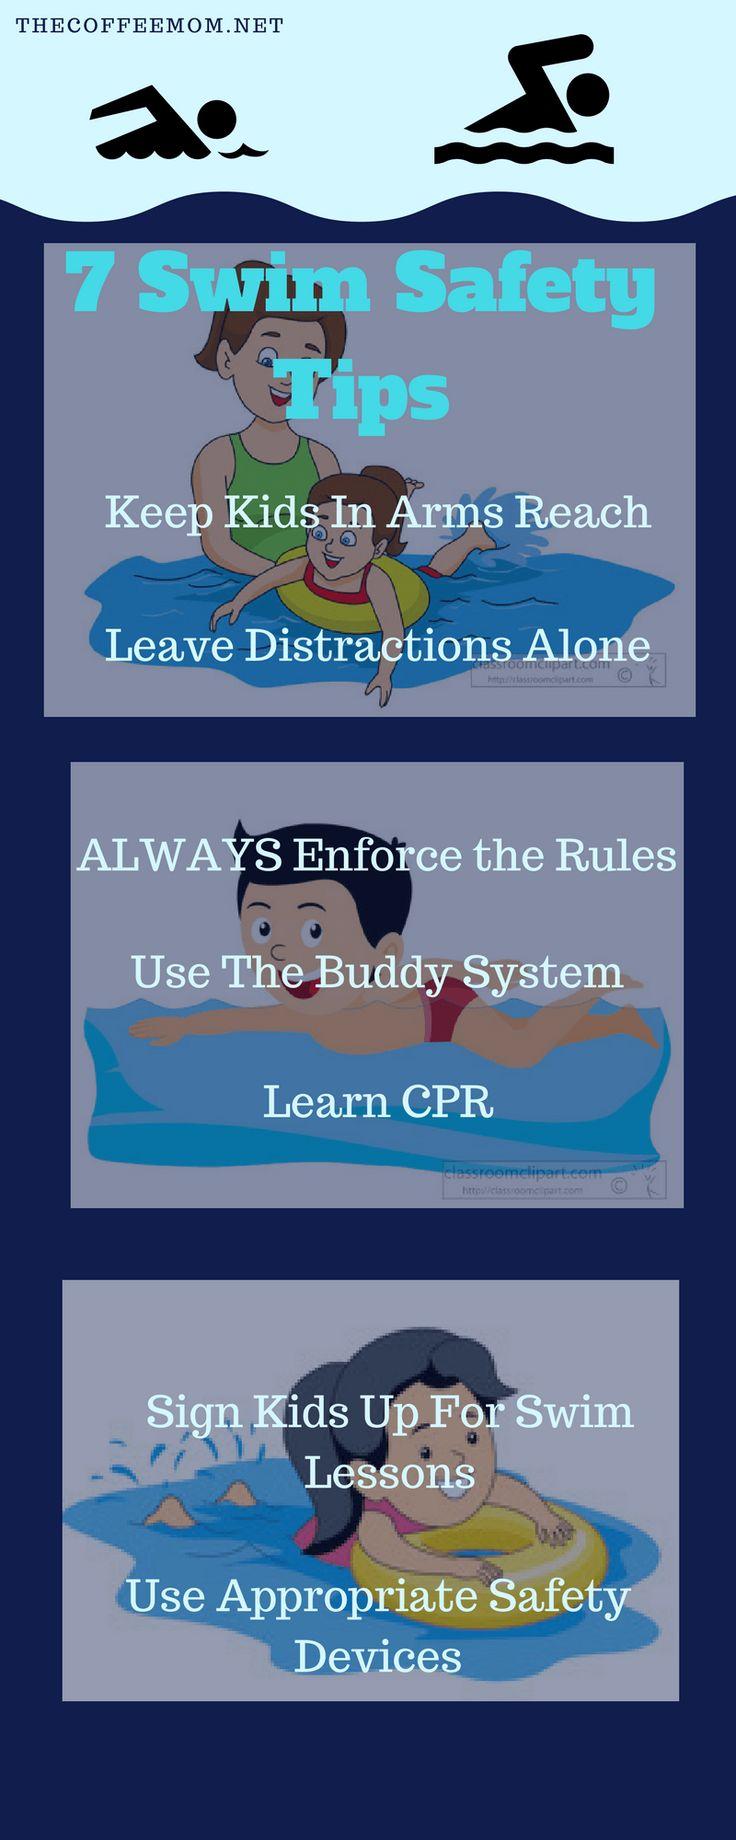 7 Swim Safety Tips